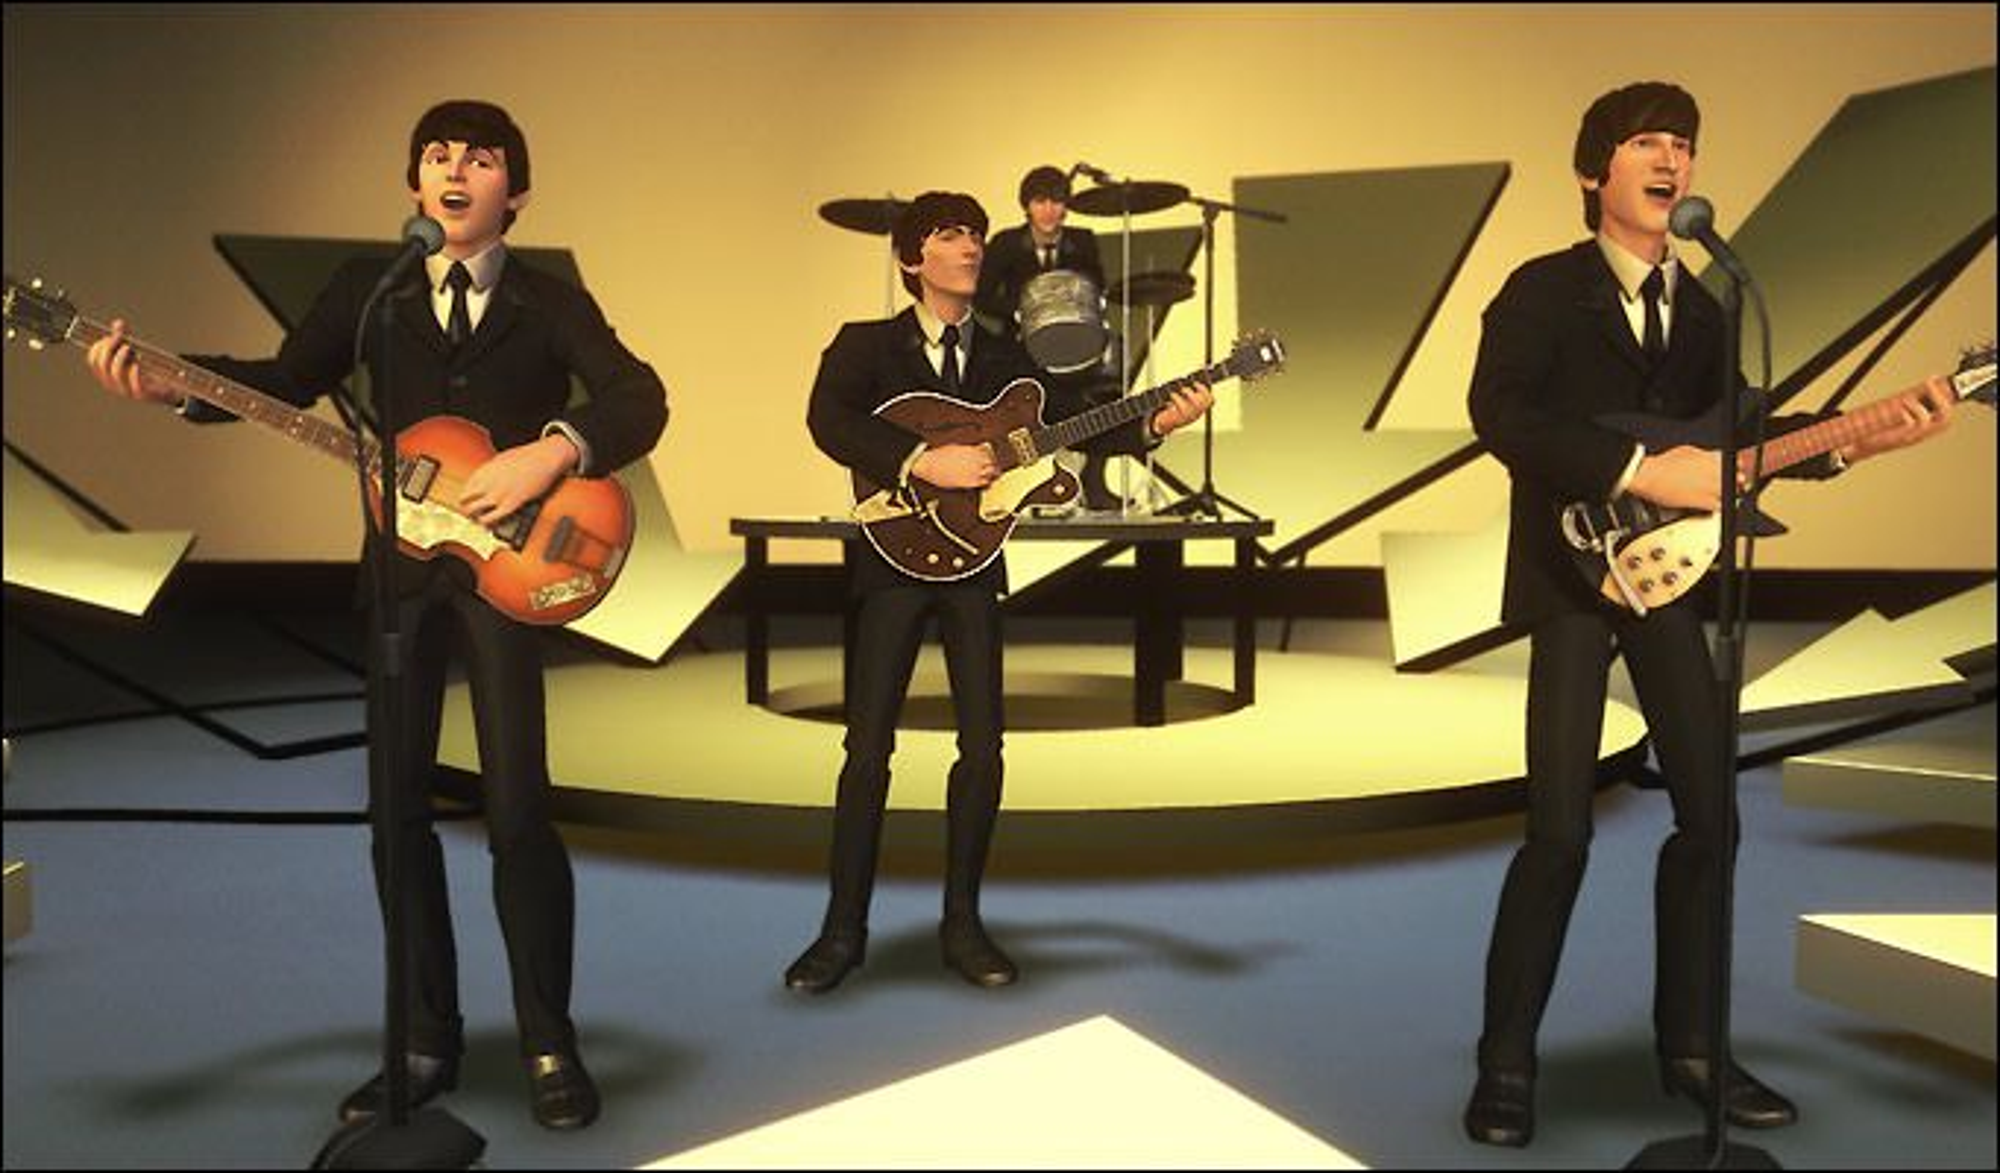 Beatles-utgaven av Rock Band lar deg spille din favorittbille.